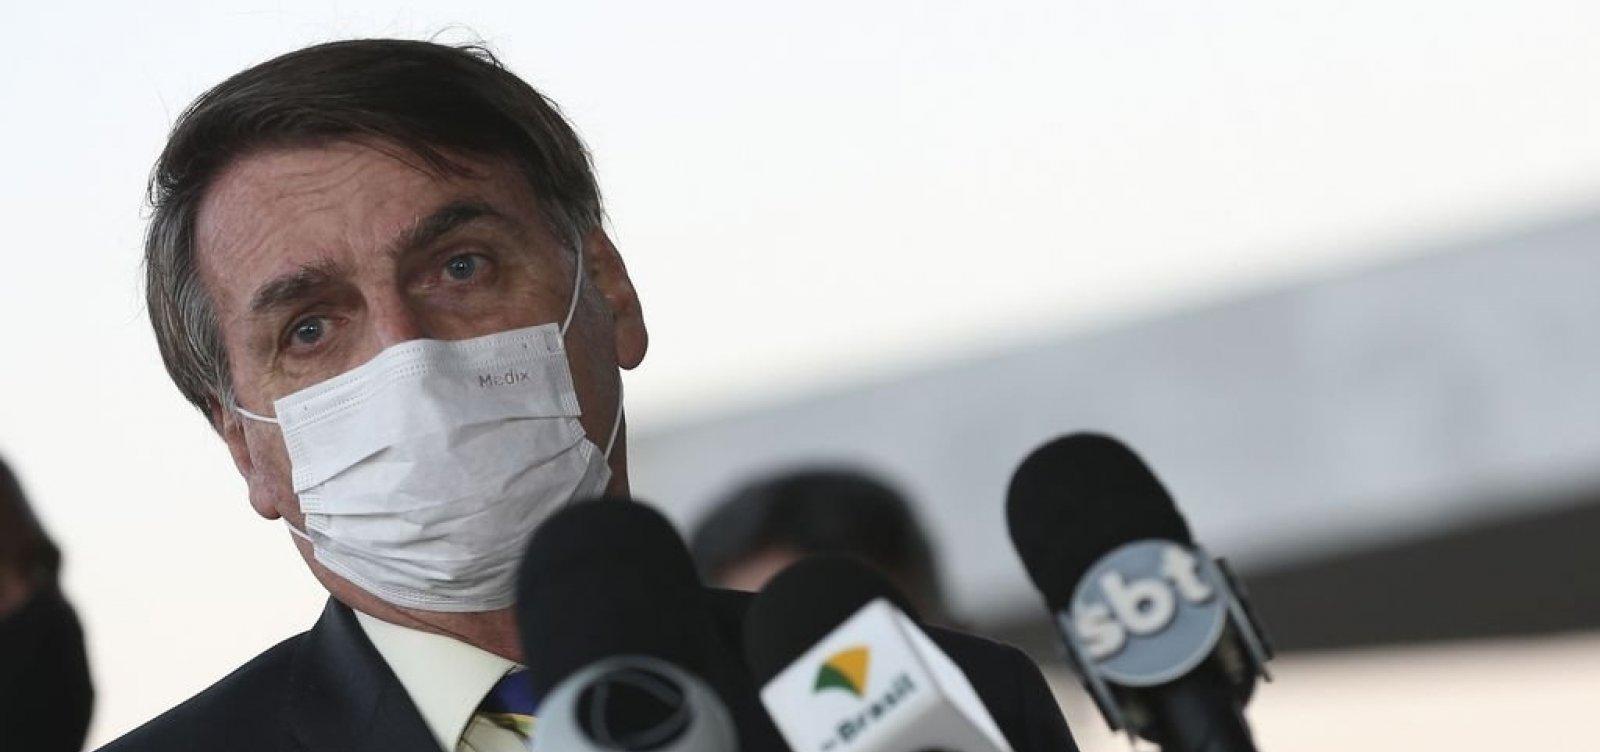 ['Quem não quiser trabalhar, que fique em casa', diz Bolsonaro após recorde de mortes]